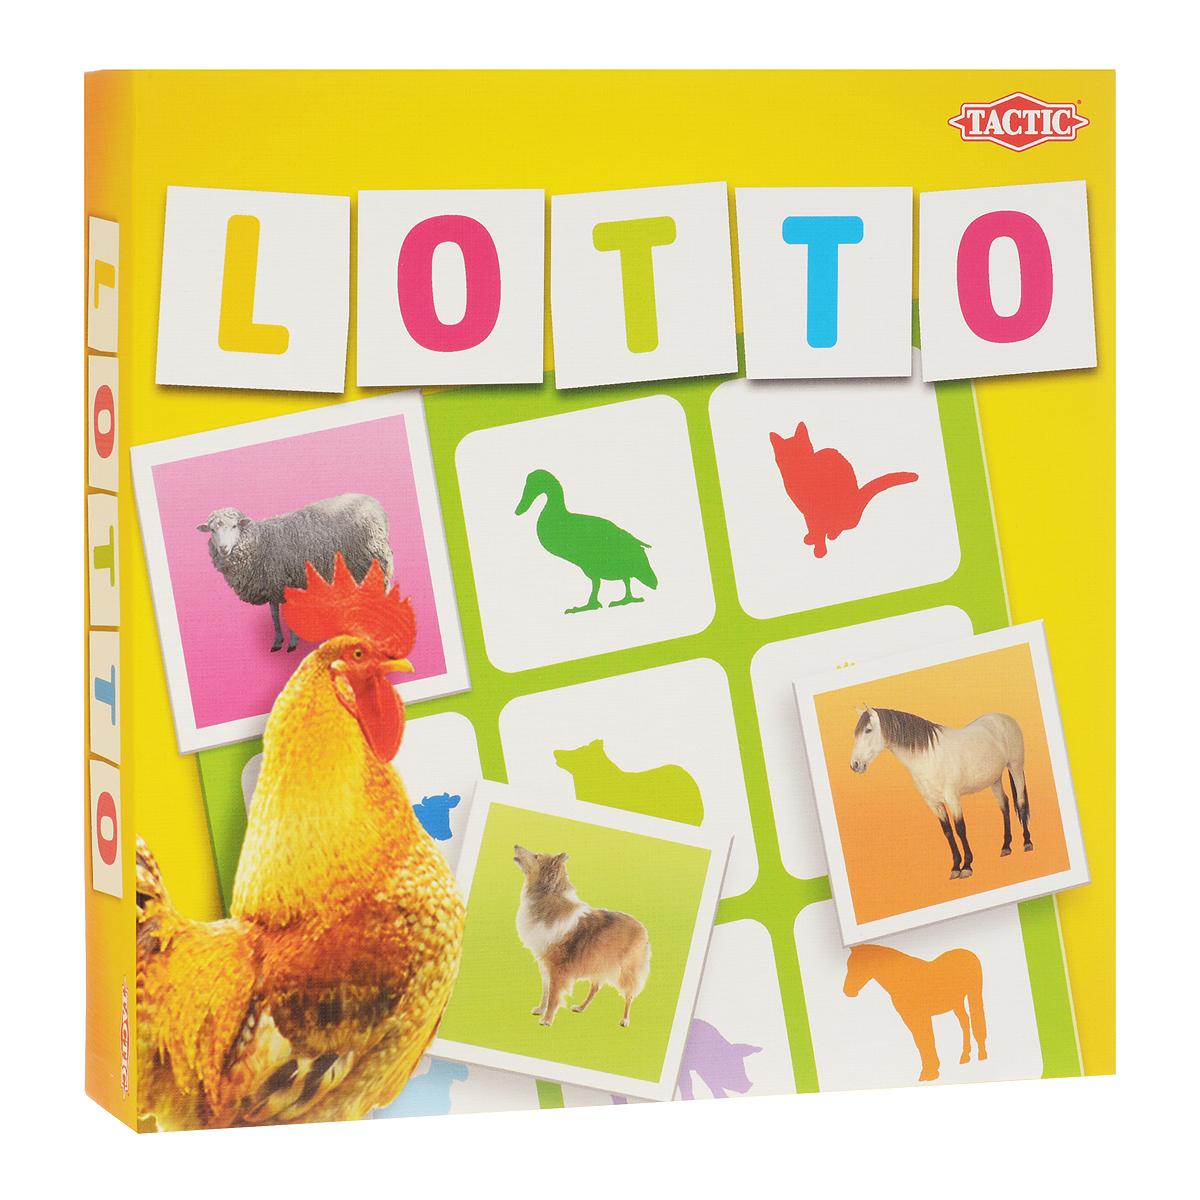 Настольная игра Tactic Games Lotto. Домашние животные41449Настольная игра Lotto. Домашние животные от компании Tactic Games - это обновленная версия полюбившейся родителям и детям игры от финского бренда Tactic. Правила остаются прежними: у каждого игрока есть свое поле 3х3, на котором нарисованы силуэты девяти животных. Между игроками выкладывается перемешанная стопка карточек, на которых изображены животные на цветном фоне. Поочередно карточки достаются из стопки. Кто первым опознал в карточке животное, изображенное на его поле, забирает ее. Цель игры: первым закрыть все силуэты животных на своем поле цветными карточками. Если вы играете вдвоем, можно усложнить правила и выдать каждому игроку не по одному, а по два поля. Возраст игроков: от 3 лет и старше. Количество участников: от 2 до 4 человек. Среднее время игры: 15 минут. В комплекте: 36 карточек, 4 игровых поля, правила игры.